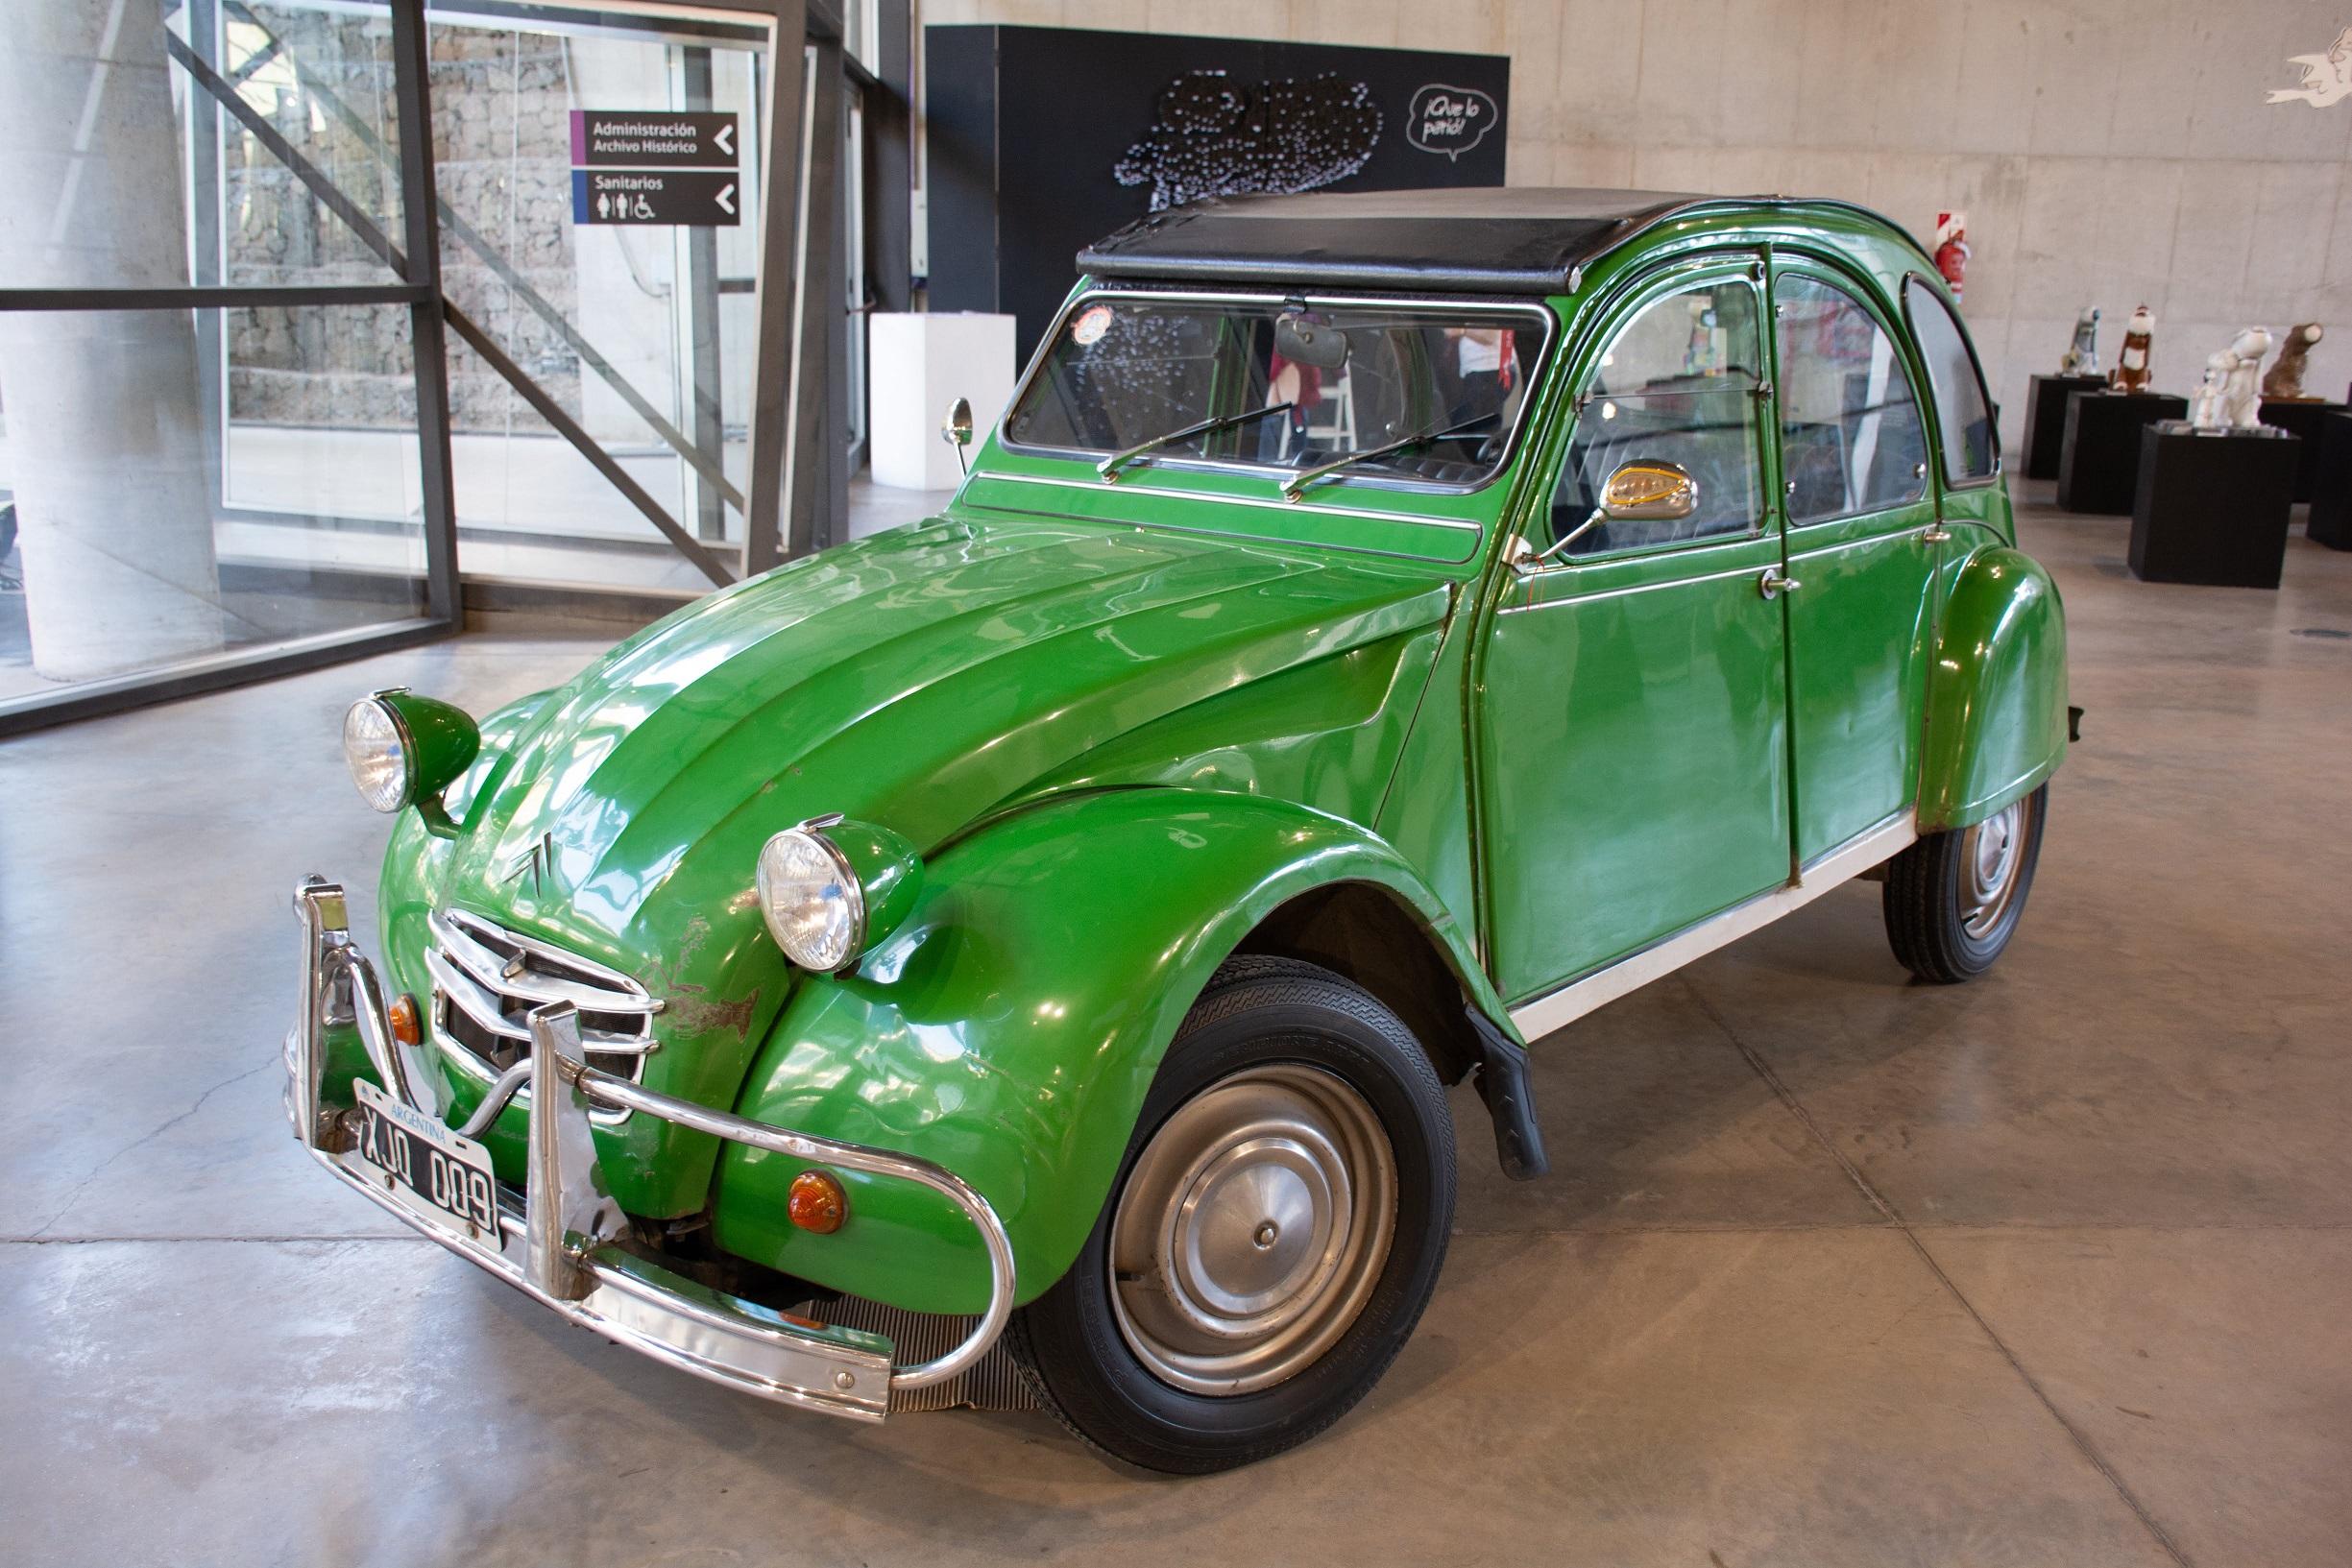 citroen 3cv verde de frente em exibicao em museu em cordoba na argentina